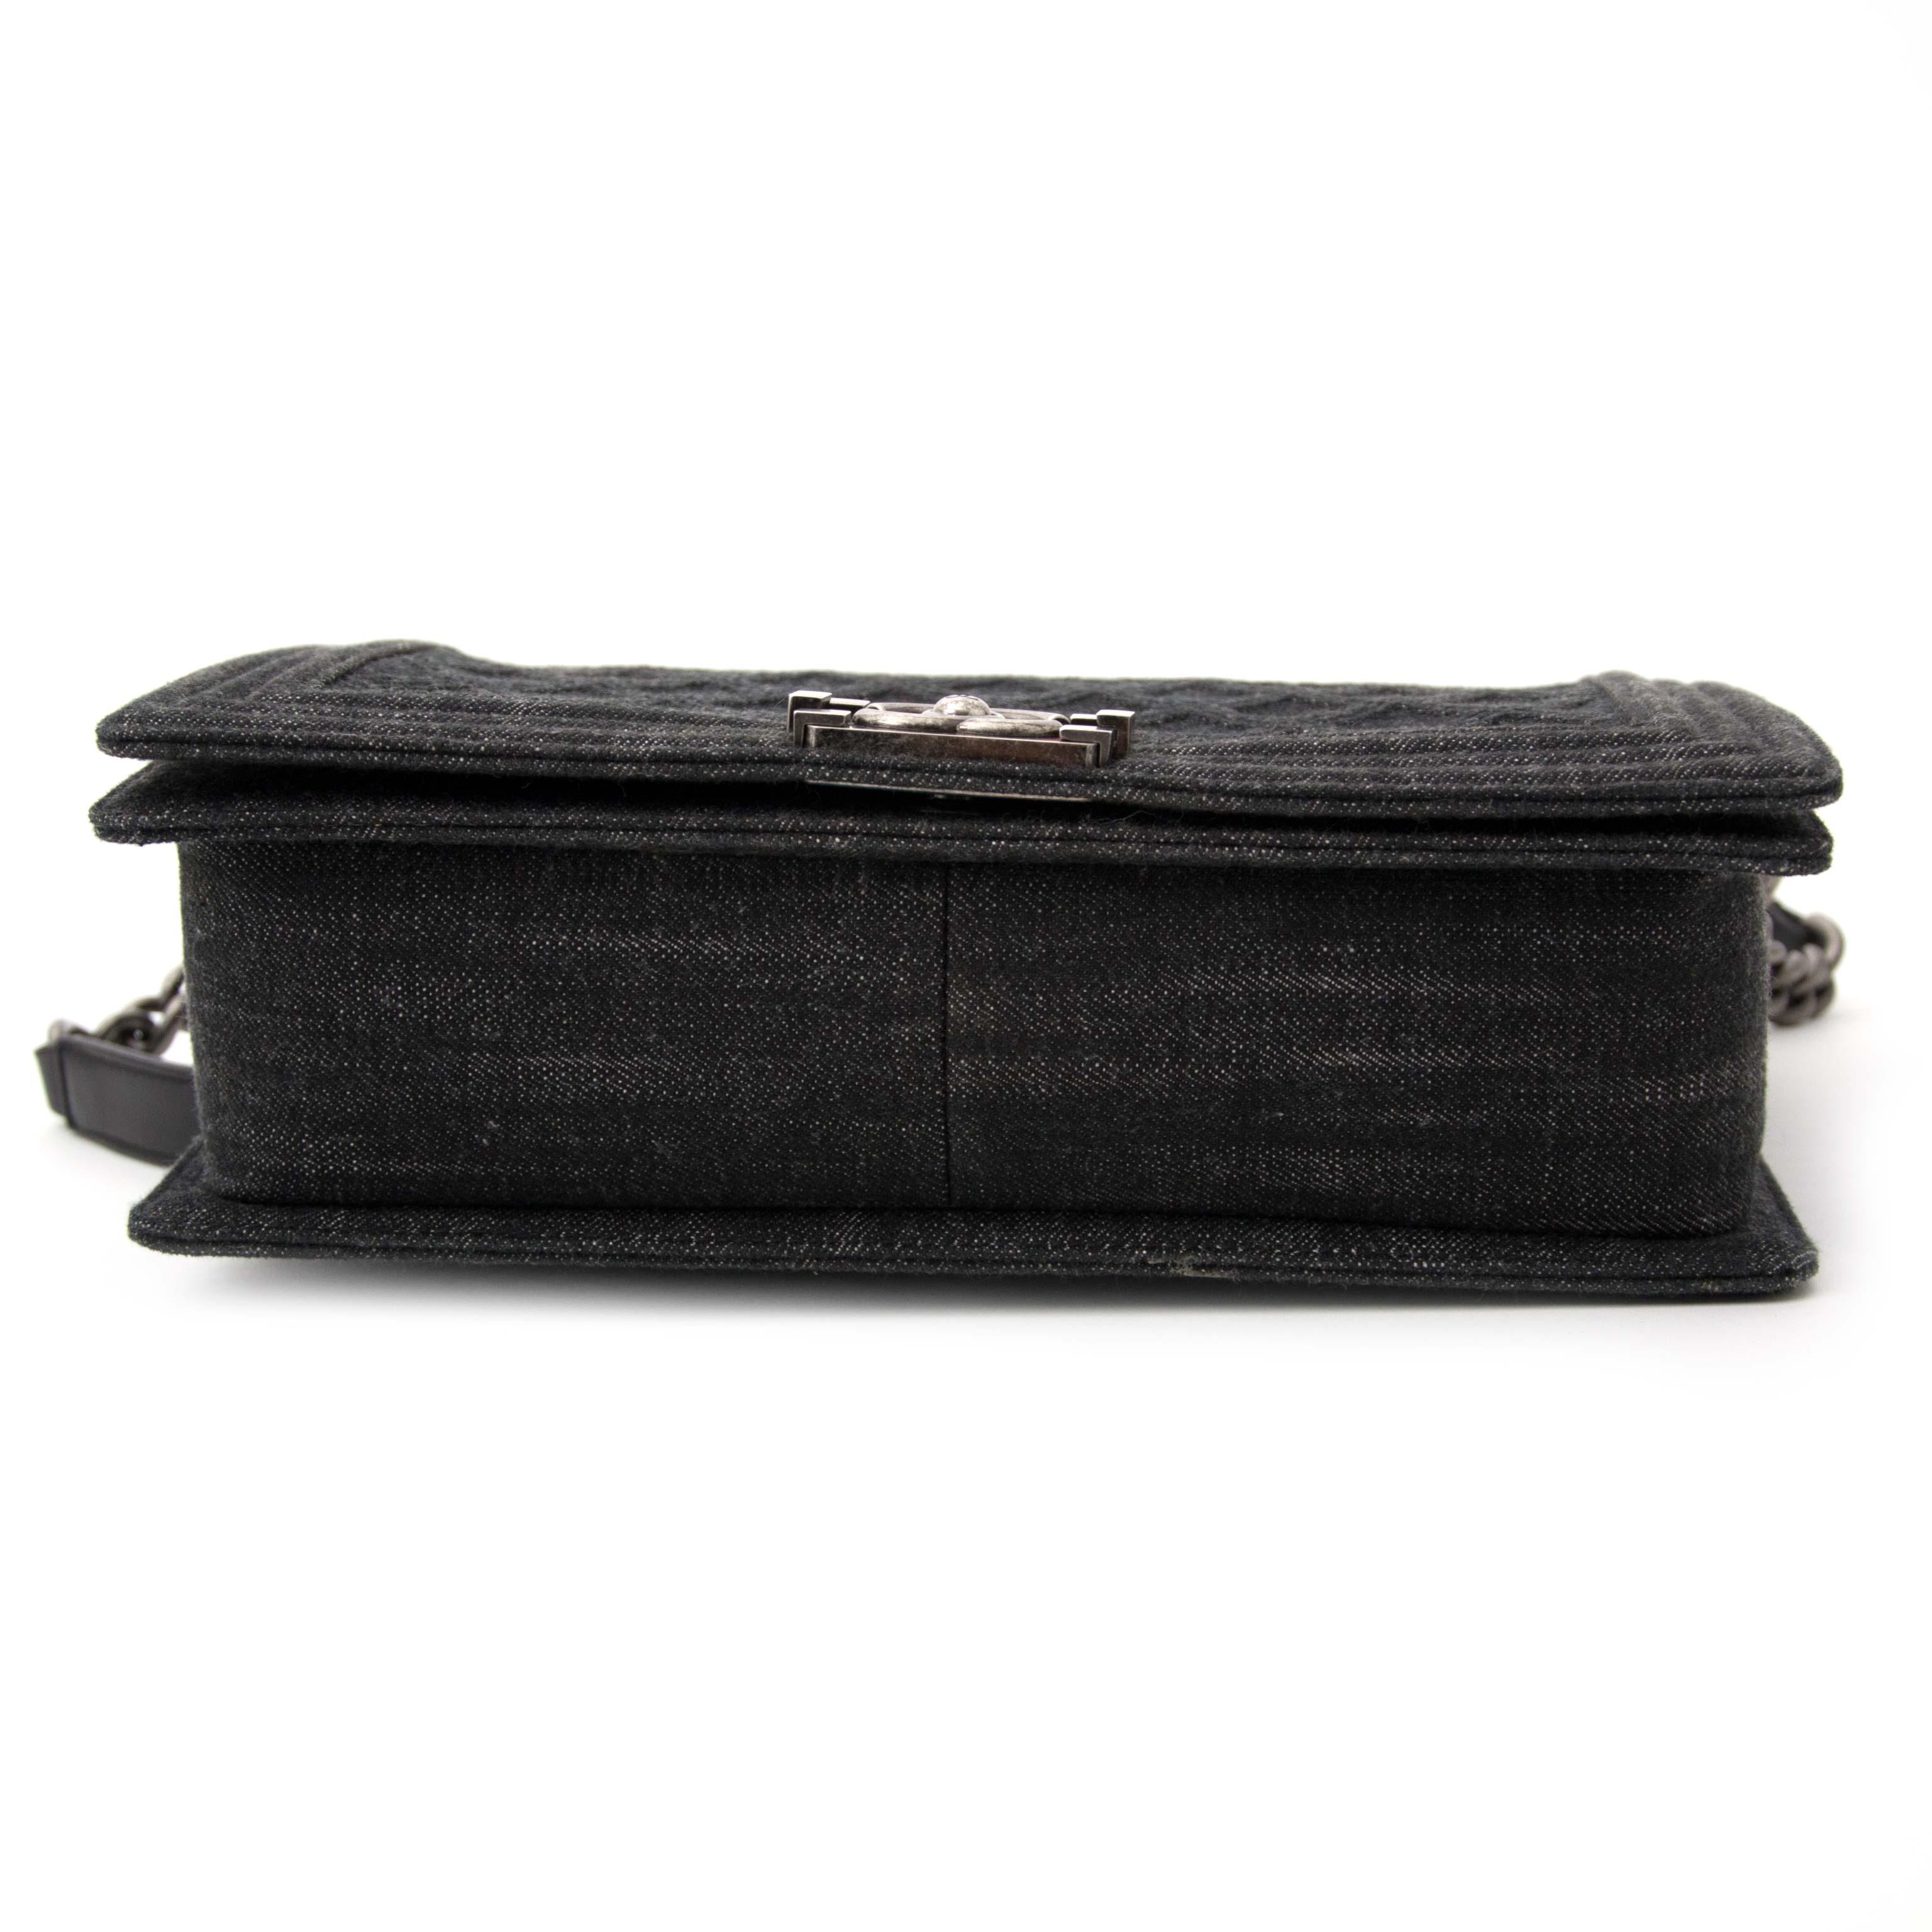 acheter en ligne seconde main Chanel Black Denim New Medium Boy Bag